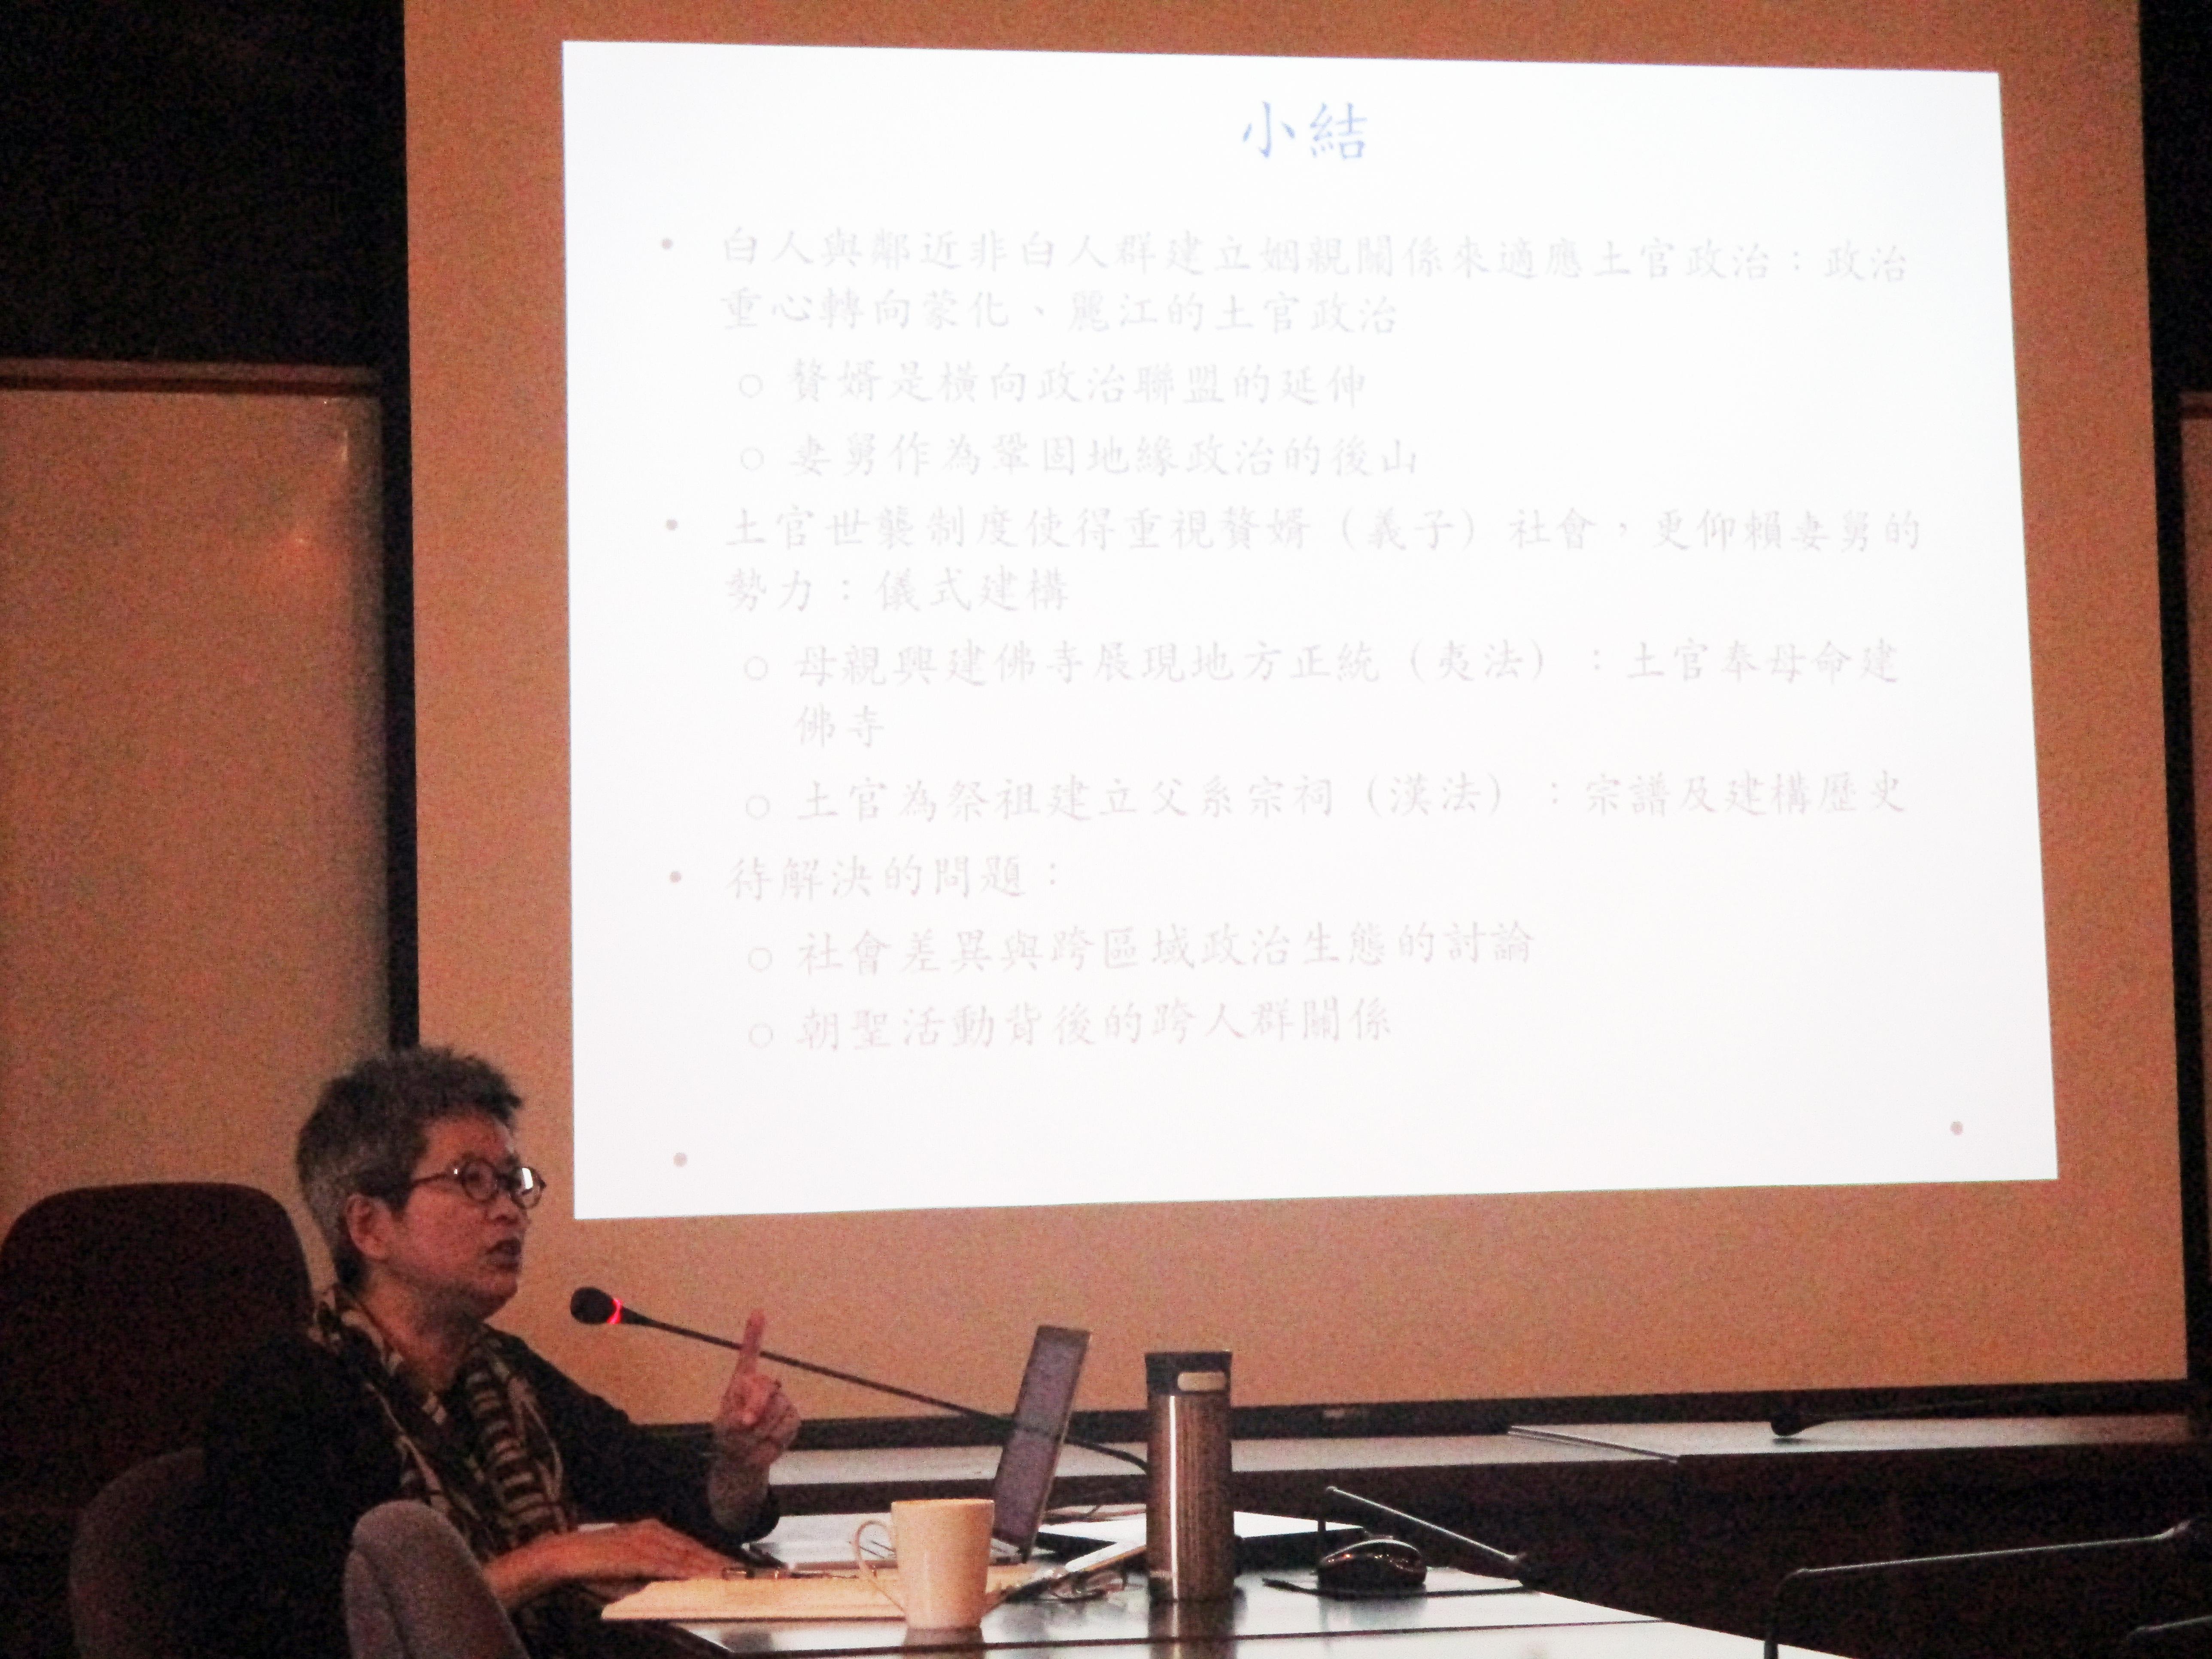 連瑞枝教授演講「帝國邊緣的政治與儀式:從中國西南土官的妻舅們談起」紀要